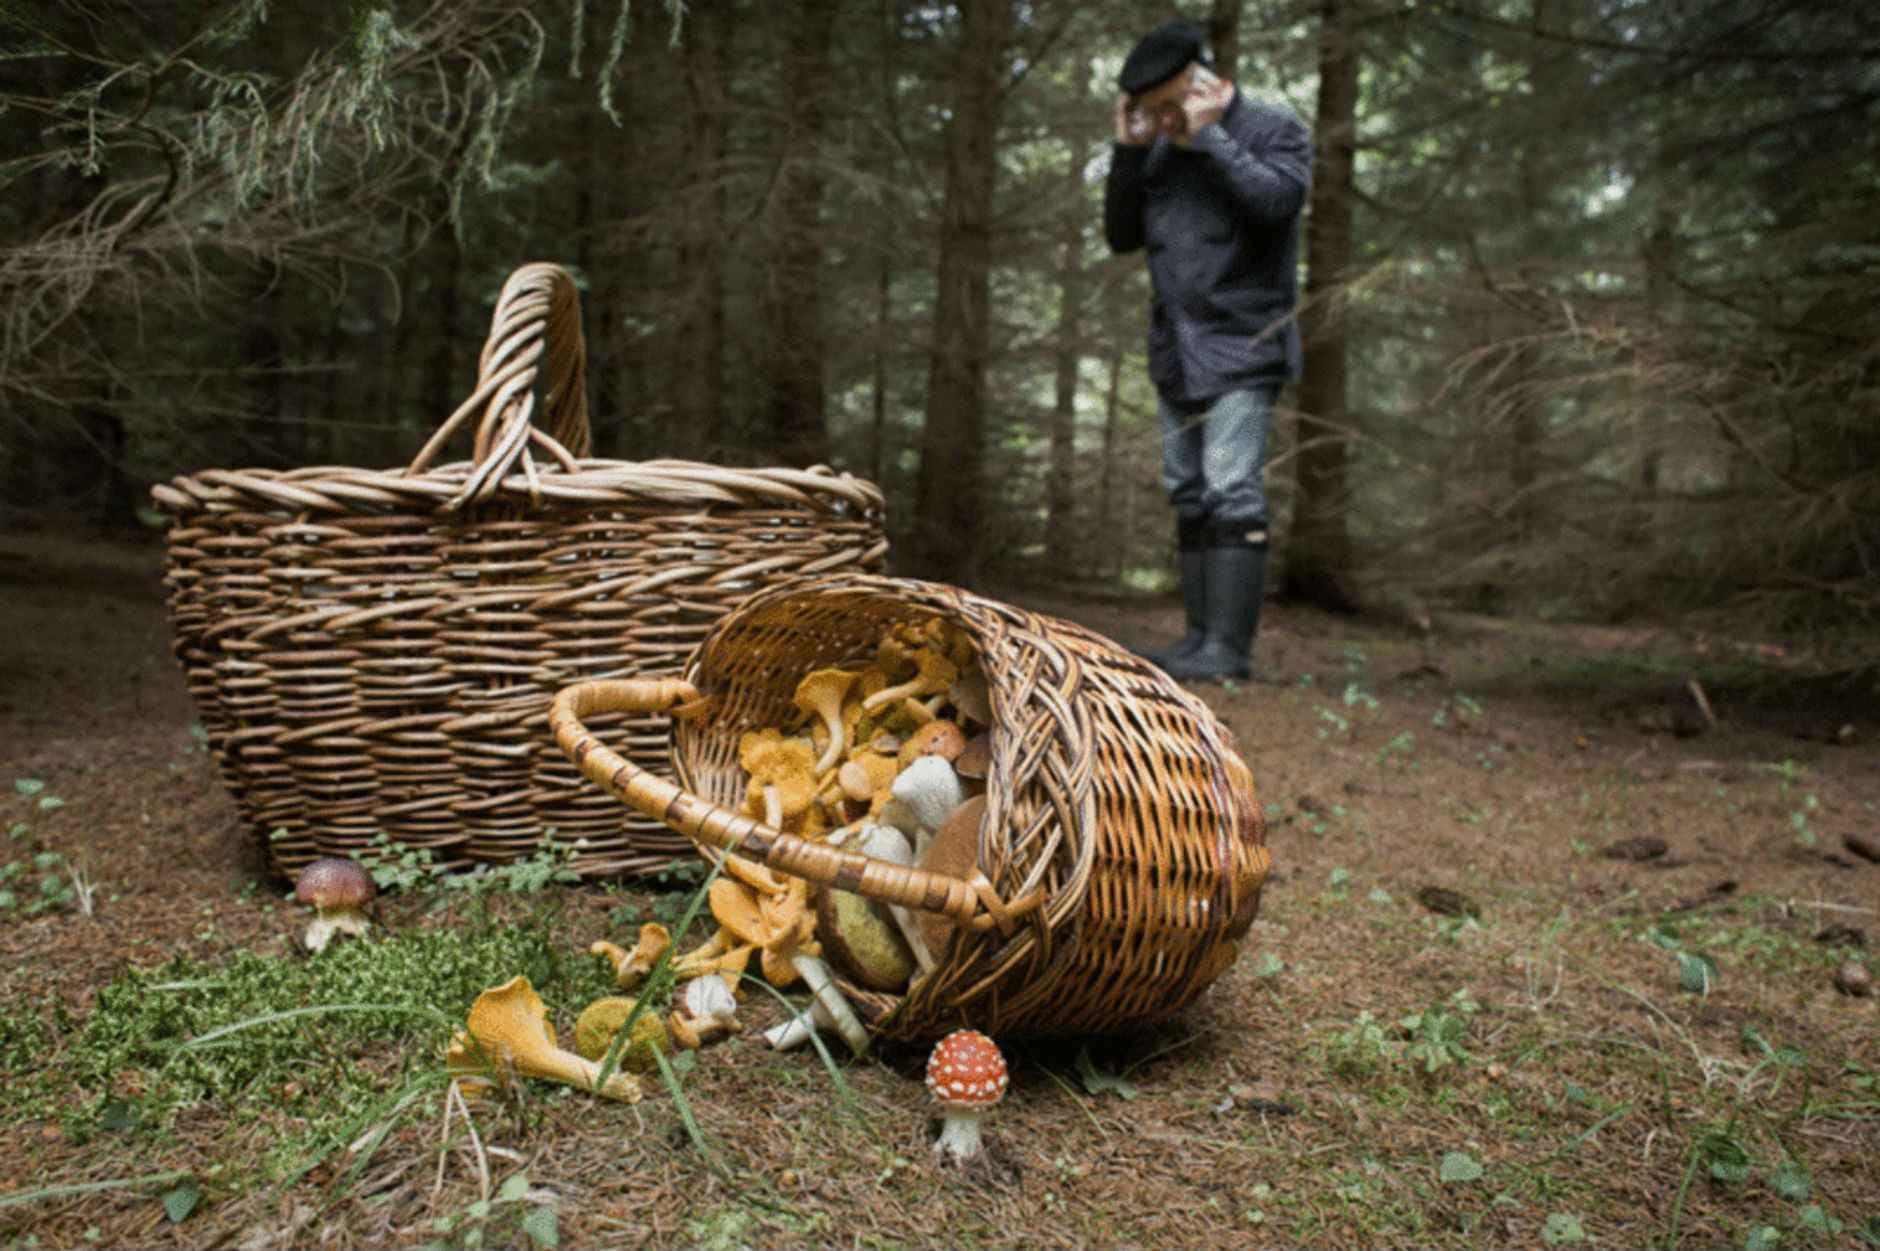 Правілы бяспекі ў лесе. Вазьміце з сабой цалкам зараджаны мабільнік.